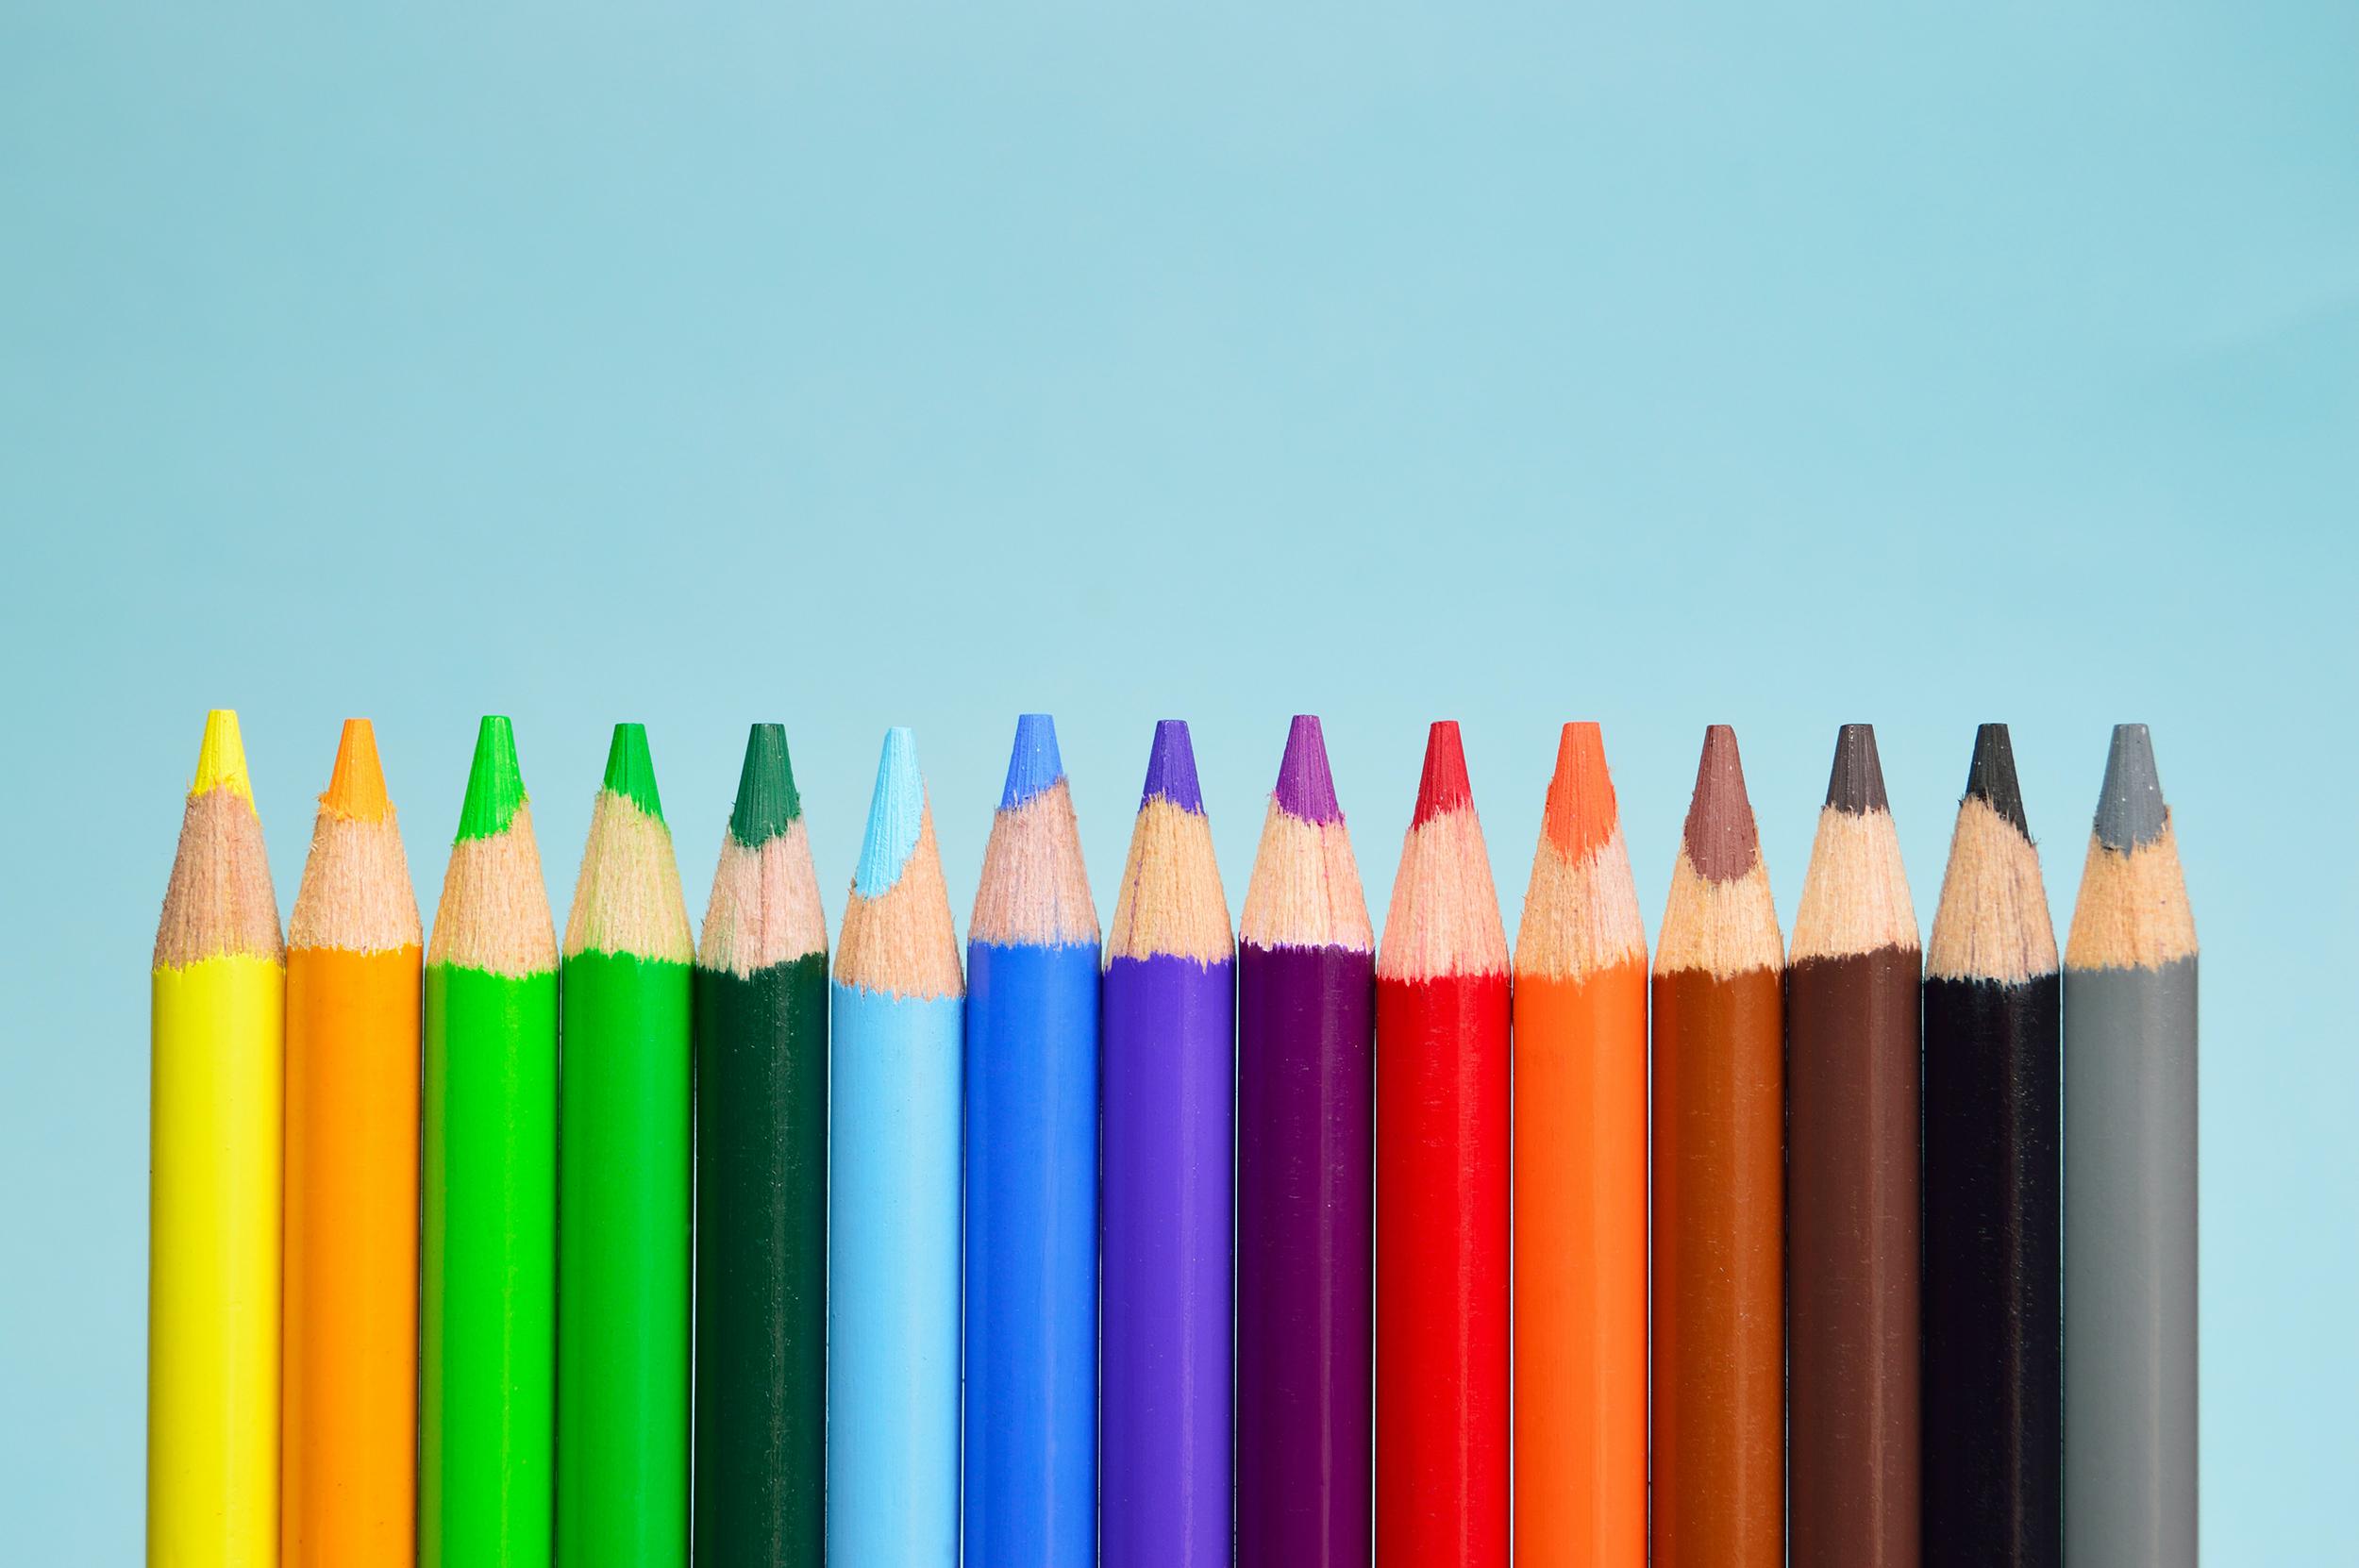 ¿Qué color elijo para mi página web?